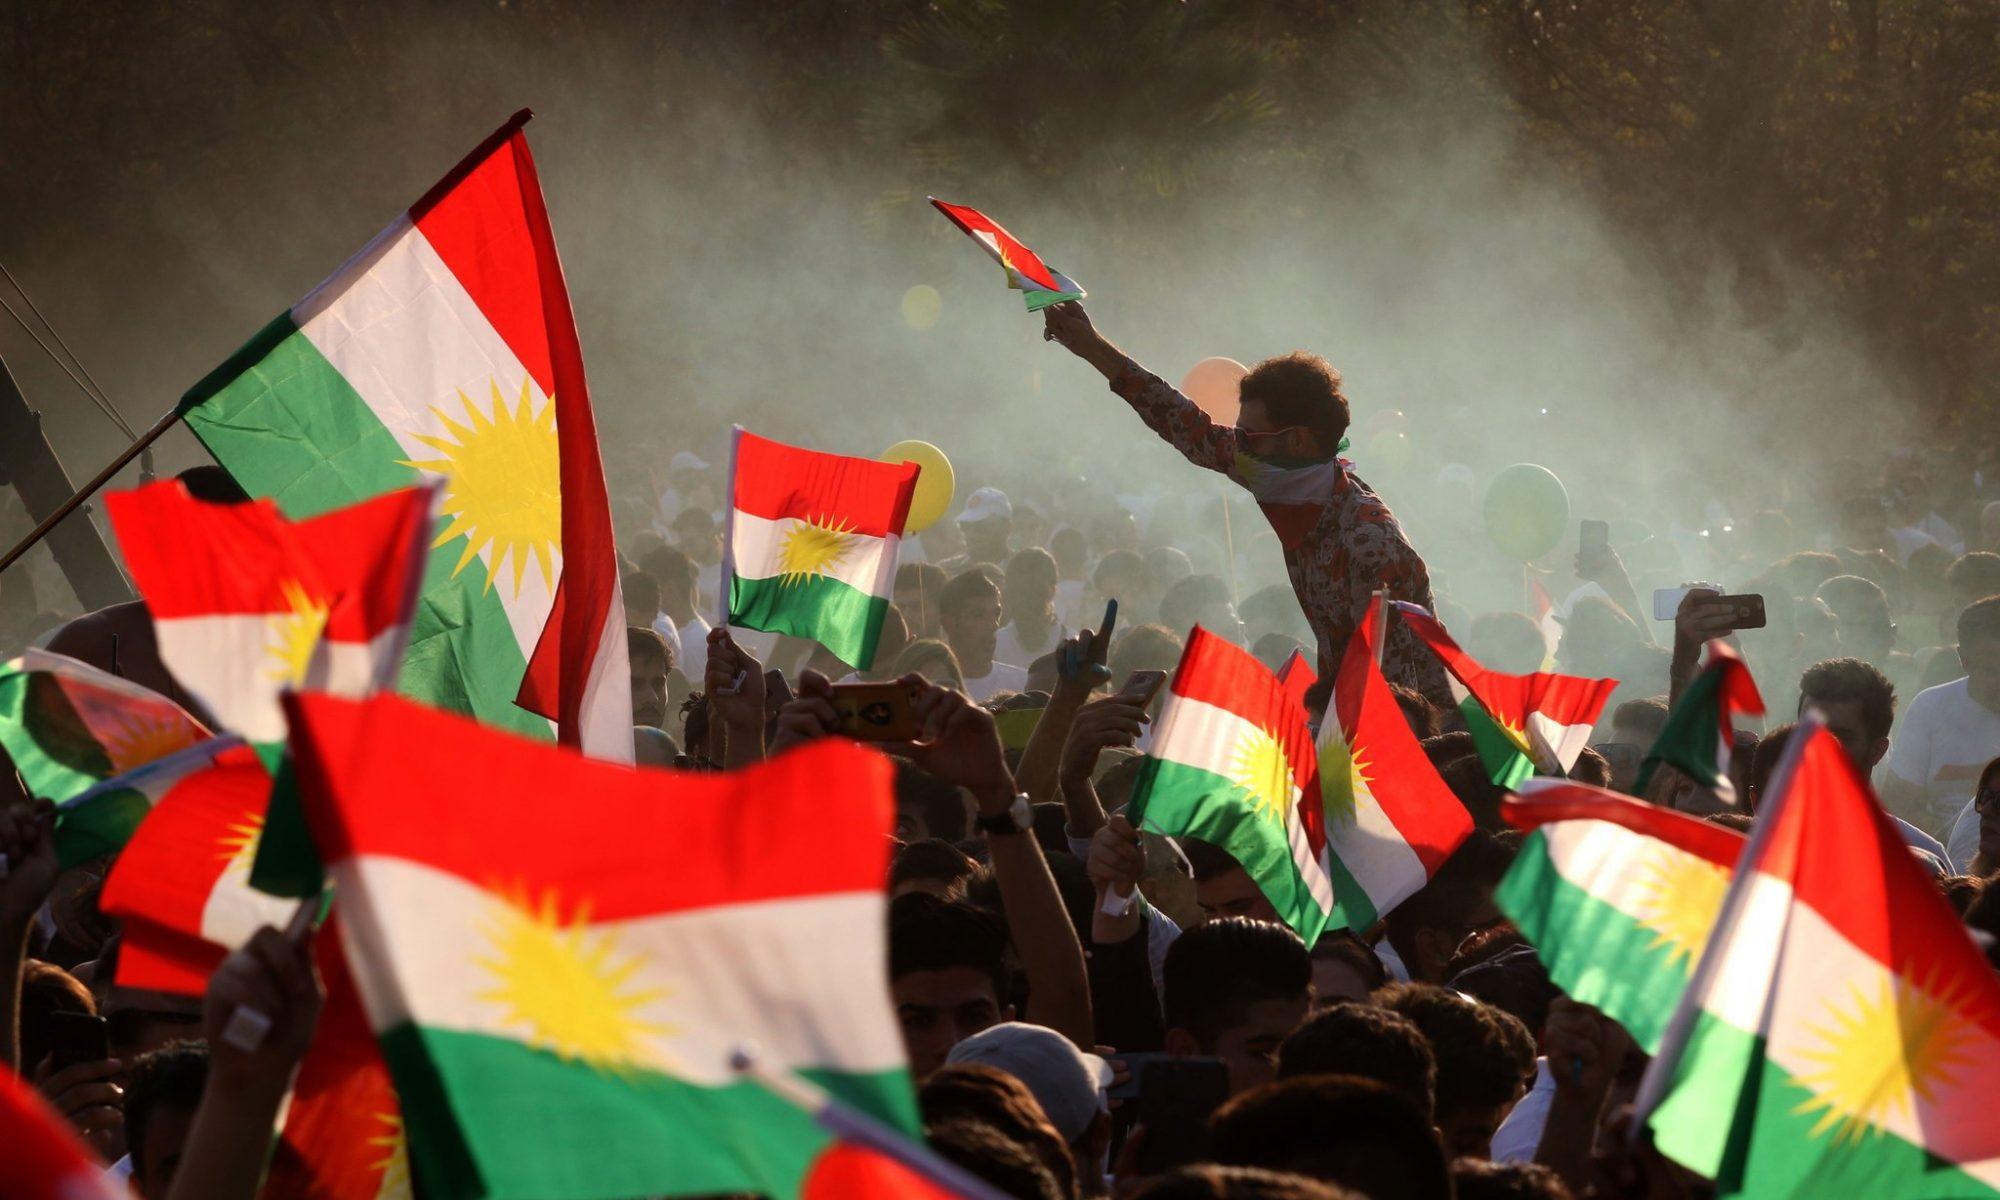 Bağdat'ta ki Kürt değerlerine saldırı Kürtlerin Şengal hamlesini barajlamak için yapılmıştır